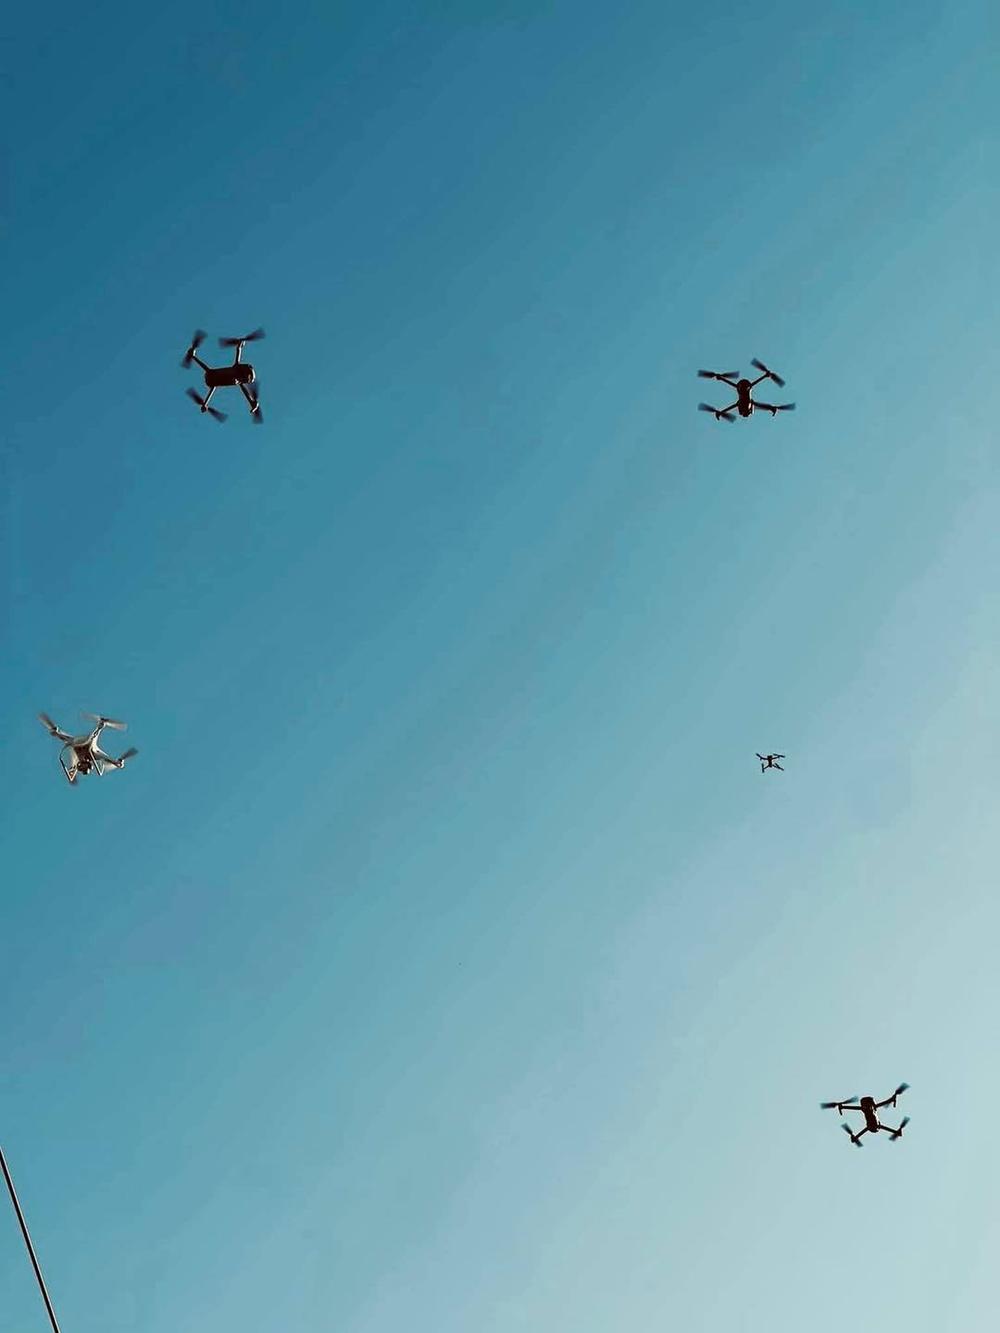 flycam bay trên bầu trời Đà Nẵng để giám sát dân chúng